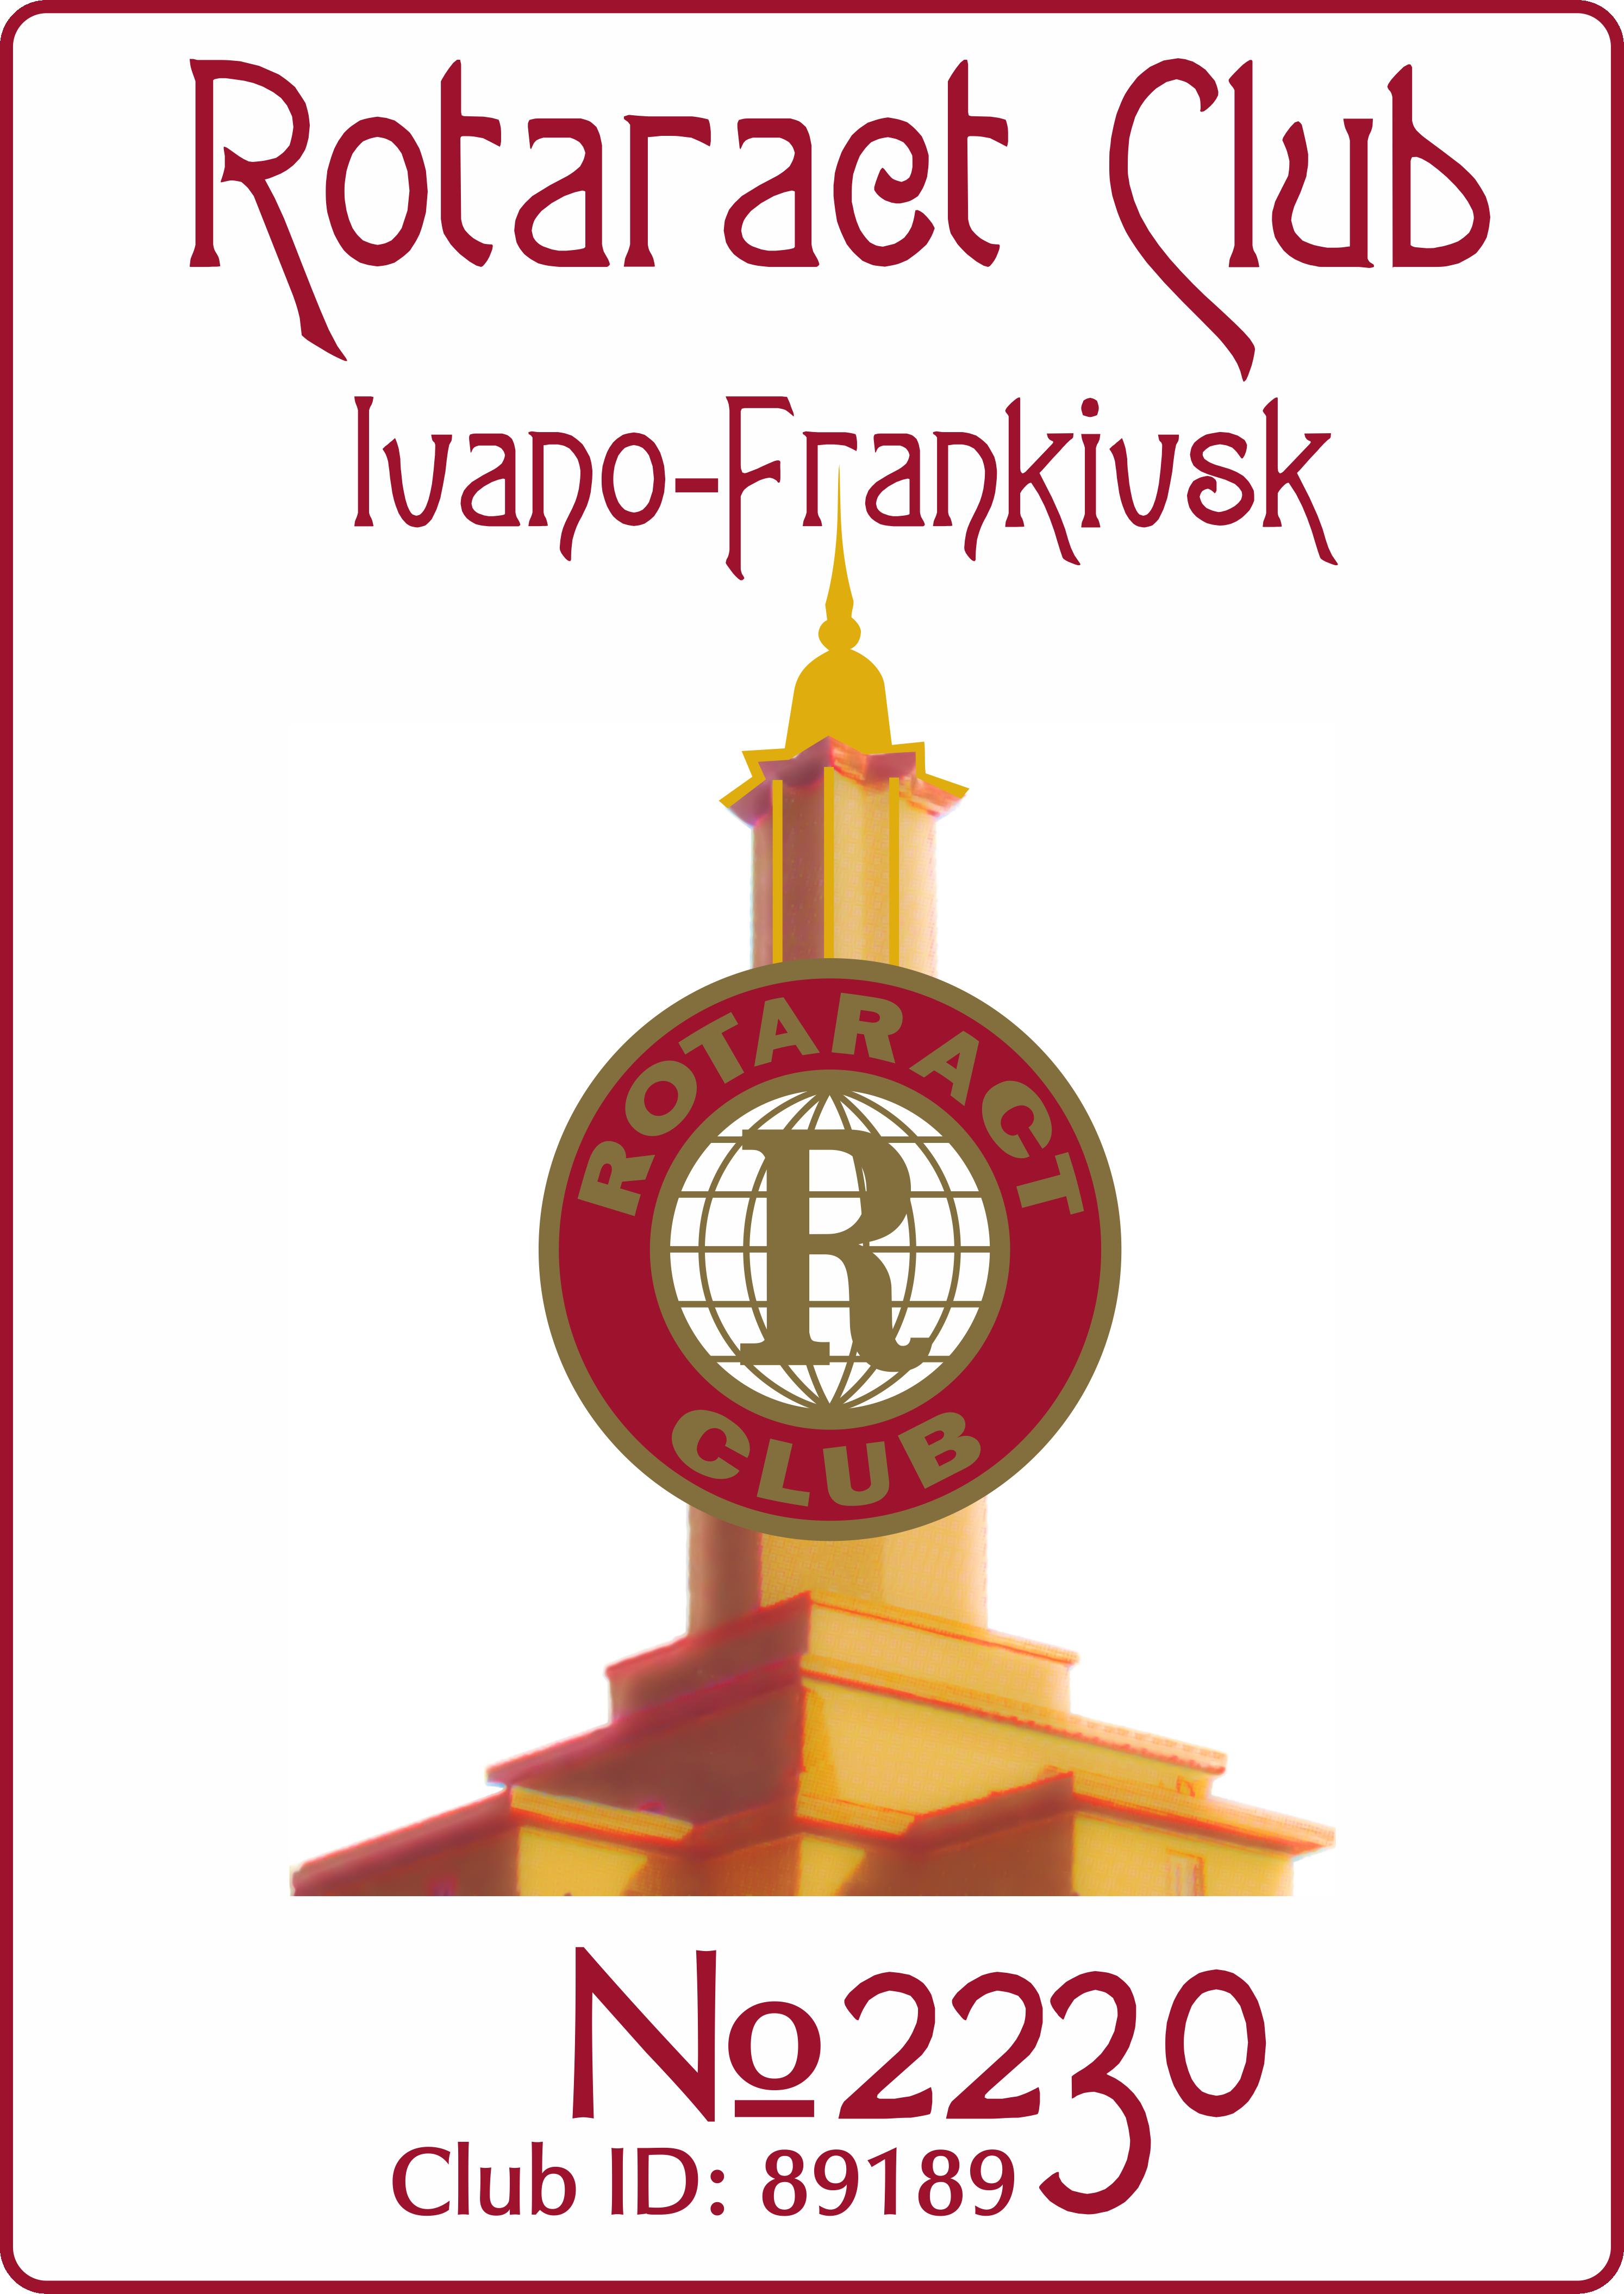 РОТАРАКТ КЛУБ ІВАНО-ФРАНКІВСЬК (ROTARACT CLUB IVANO-FRANKIVSK)